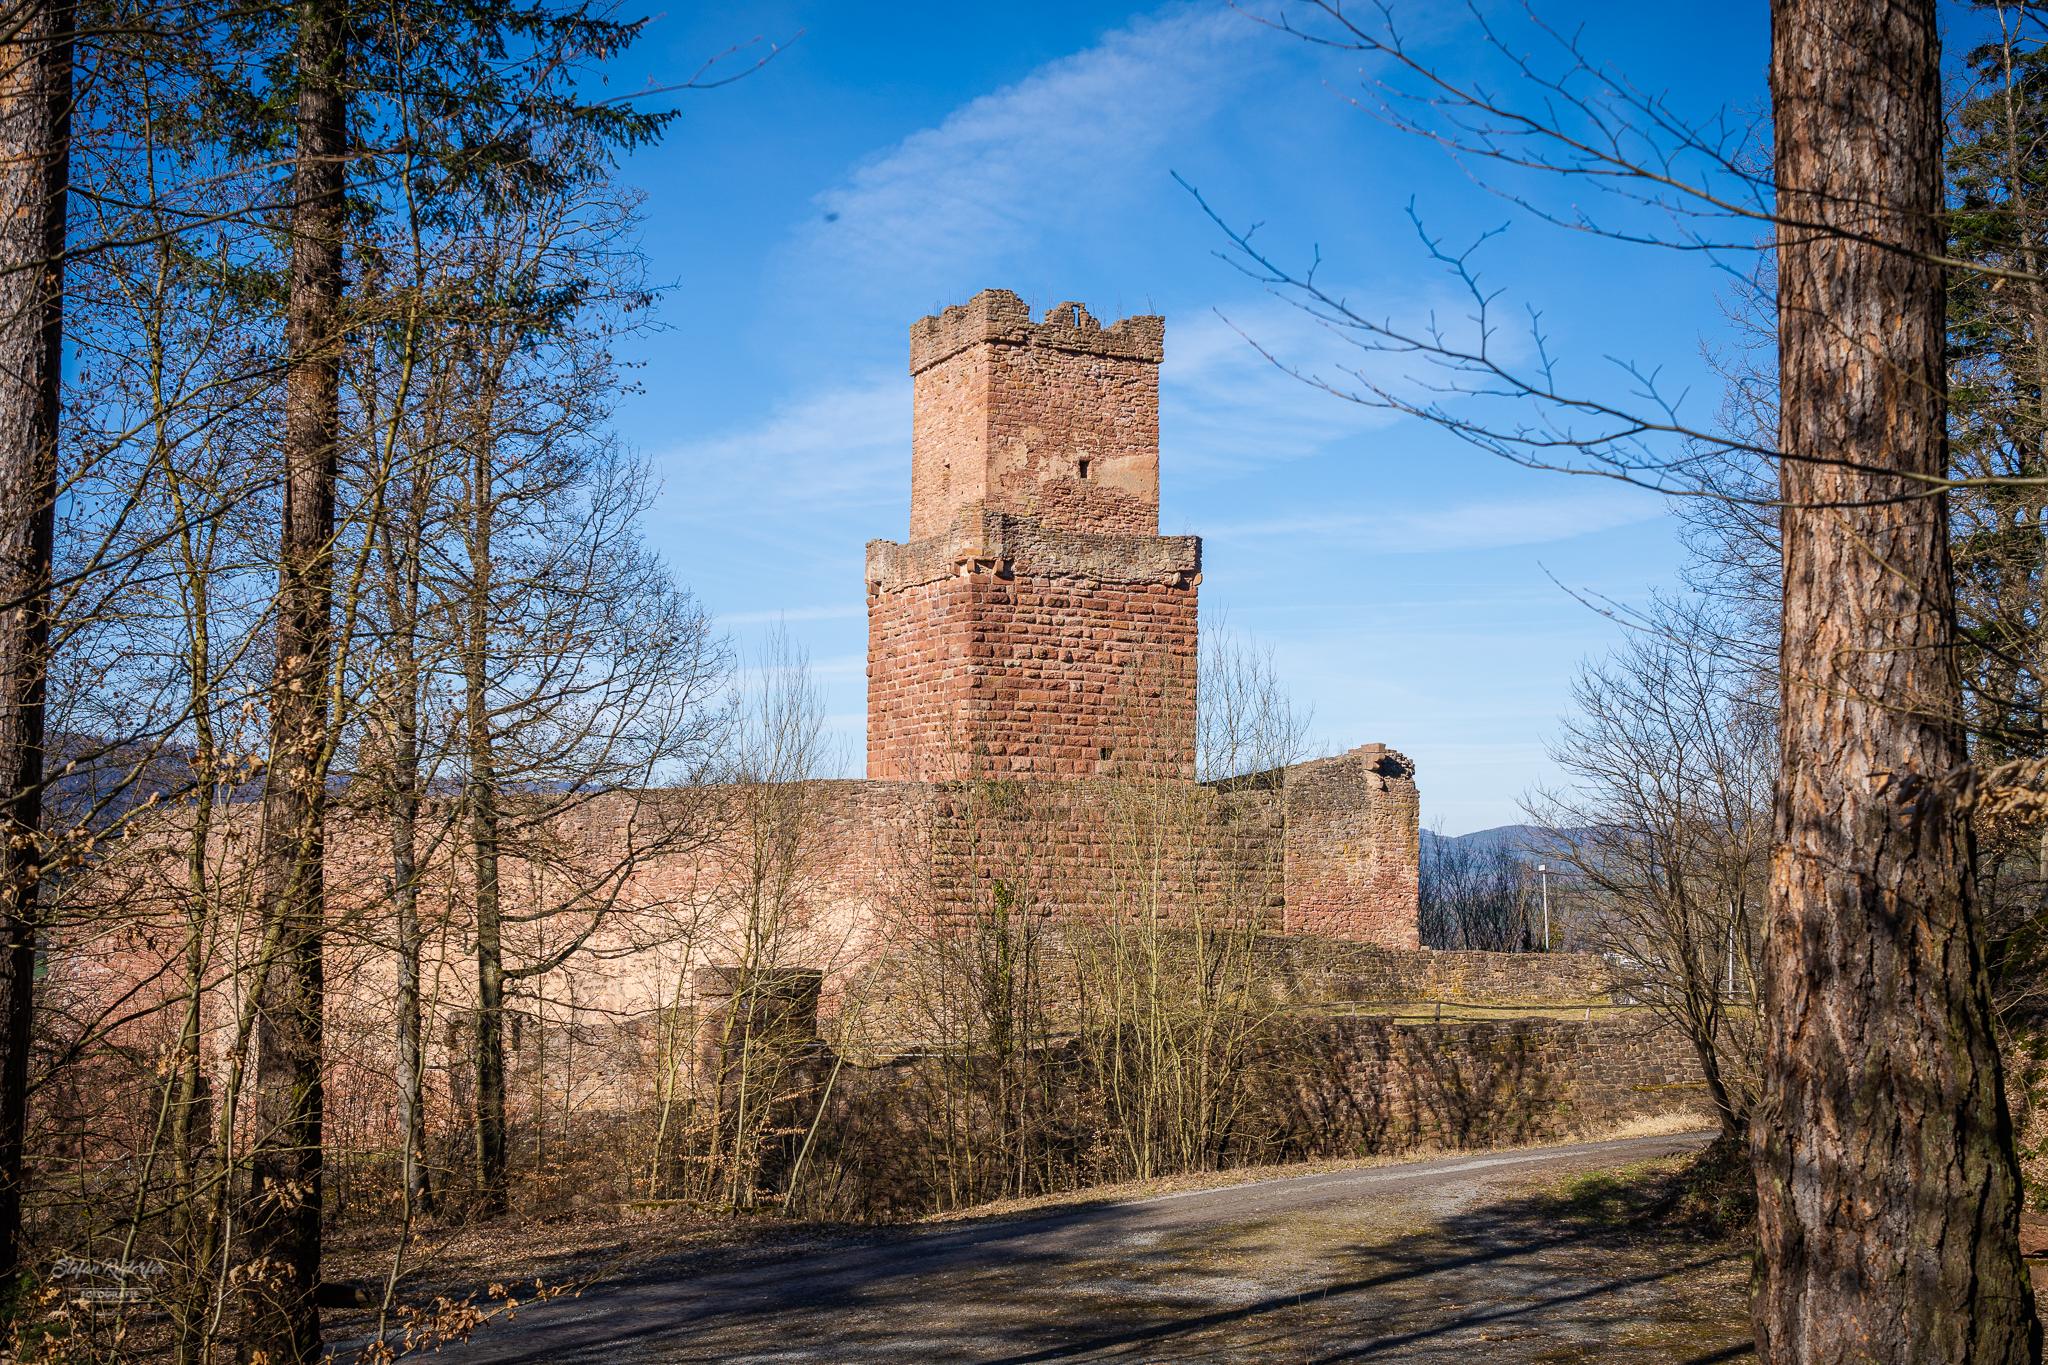 Blick auf den Turm der Freudenburg